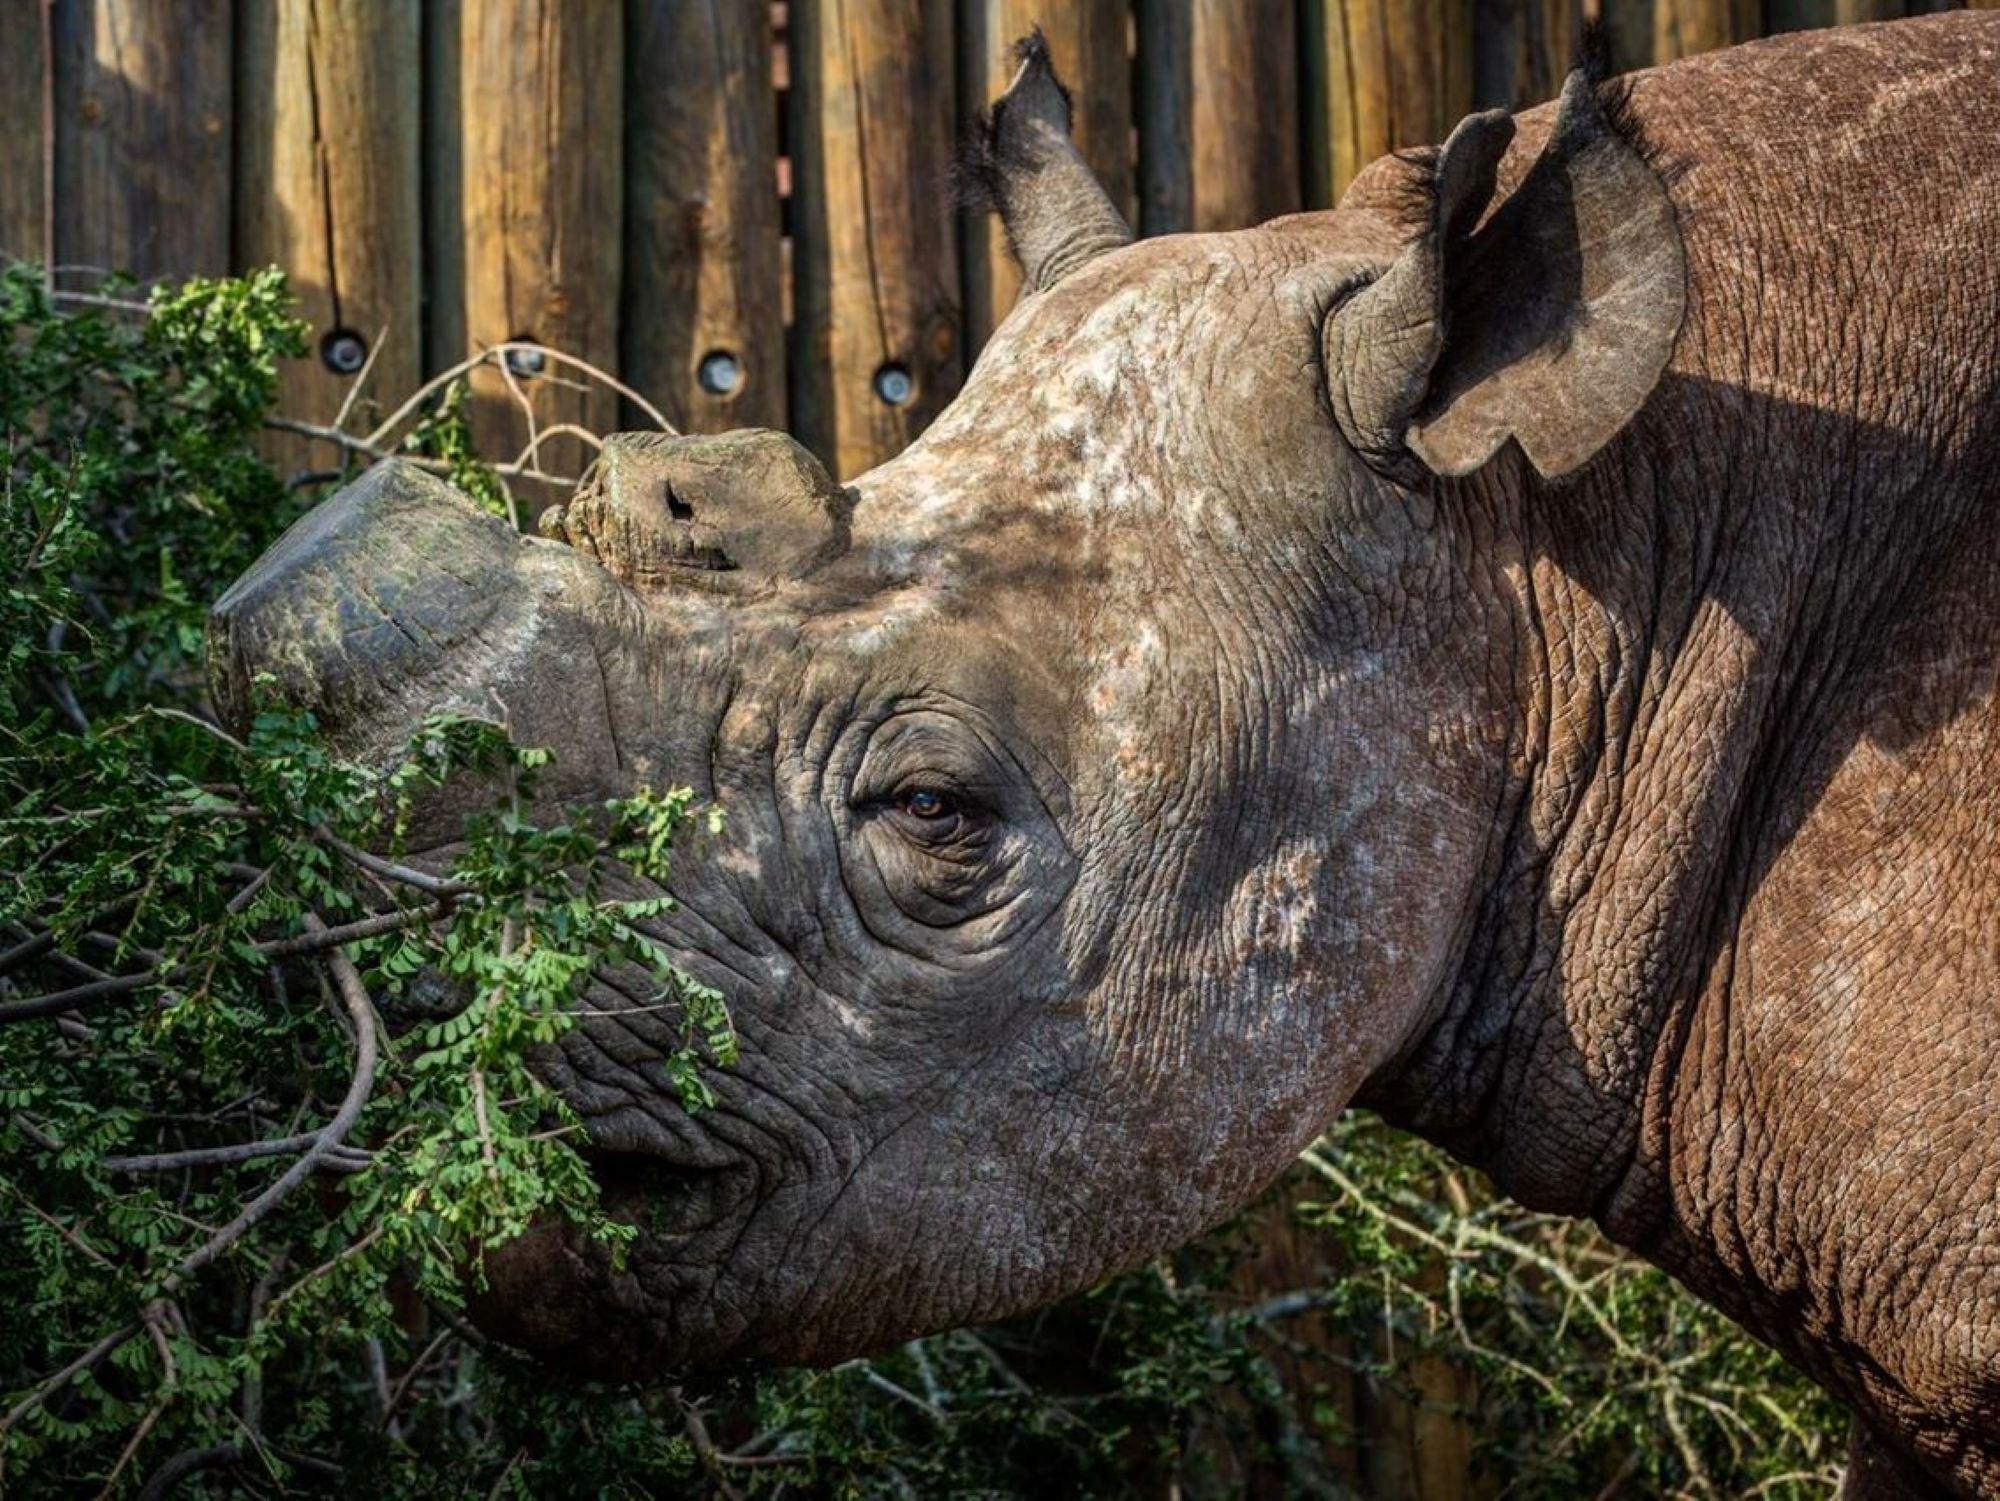 Munu the black rhino in his enclosure